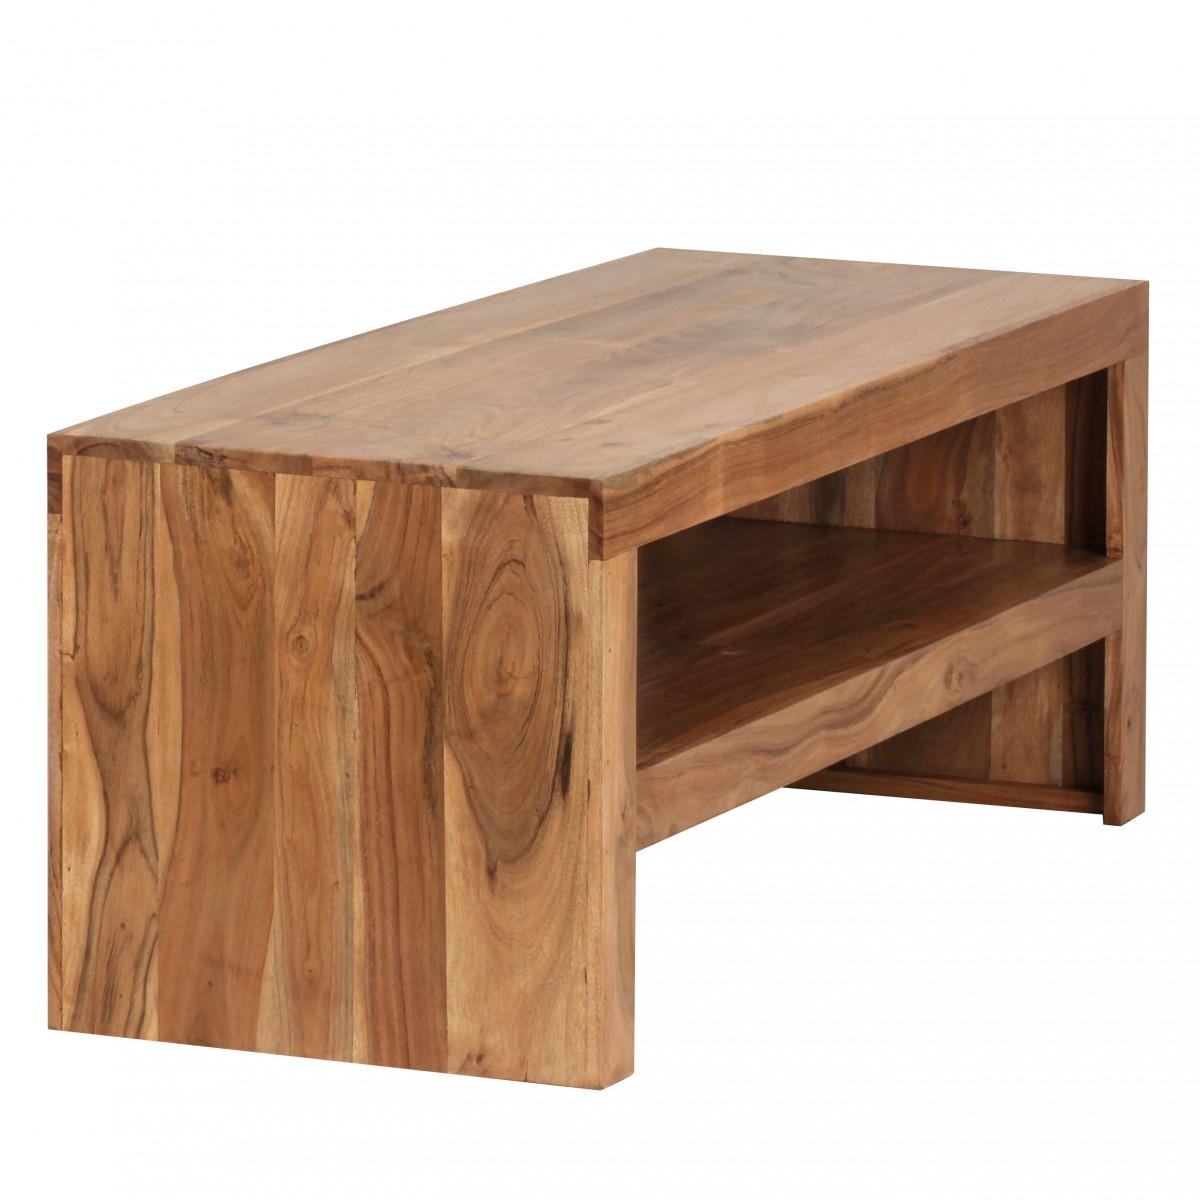 wohnling couchtisch massiv holz durban akazie 110 cm breit wohnzimmer tisch design braun. Black Bedroom Furniture Sets. Home Design Ideas